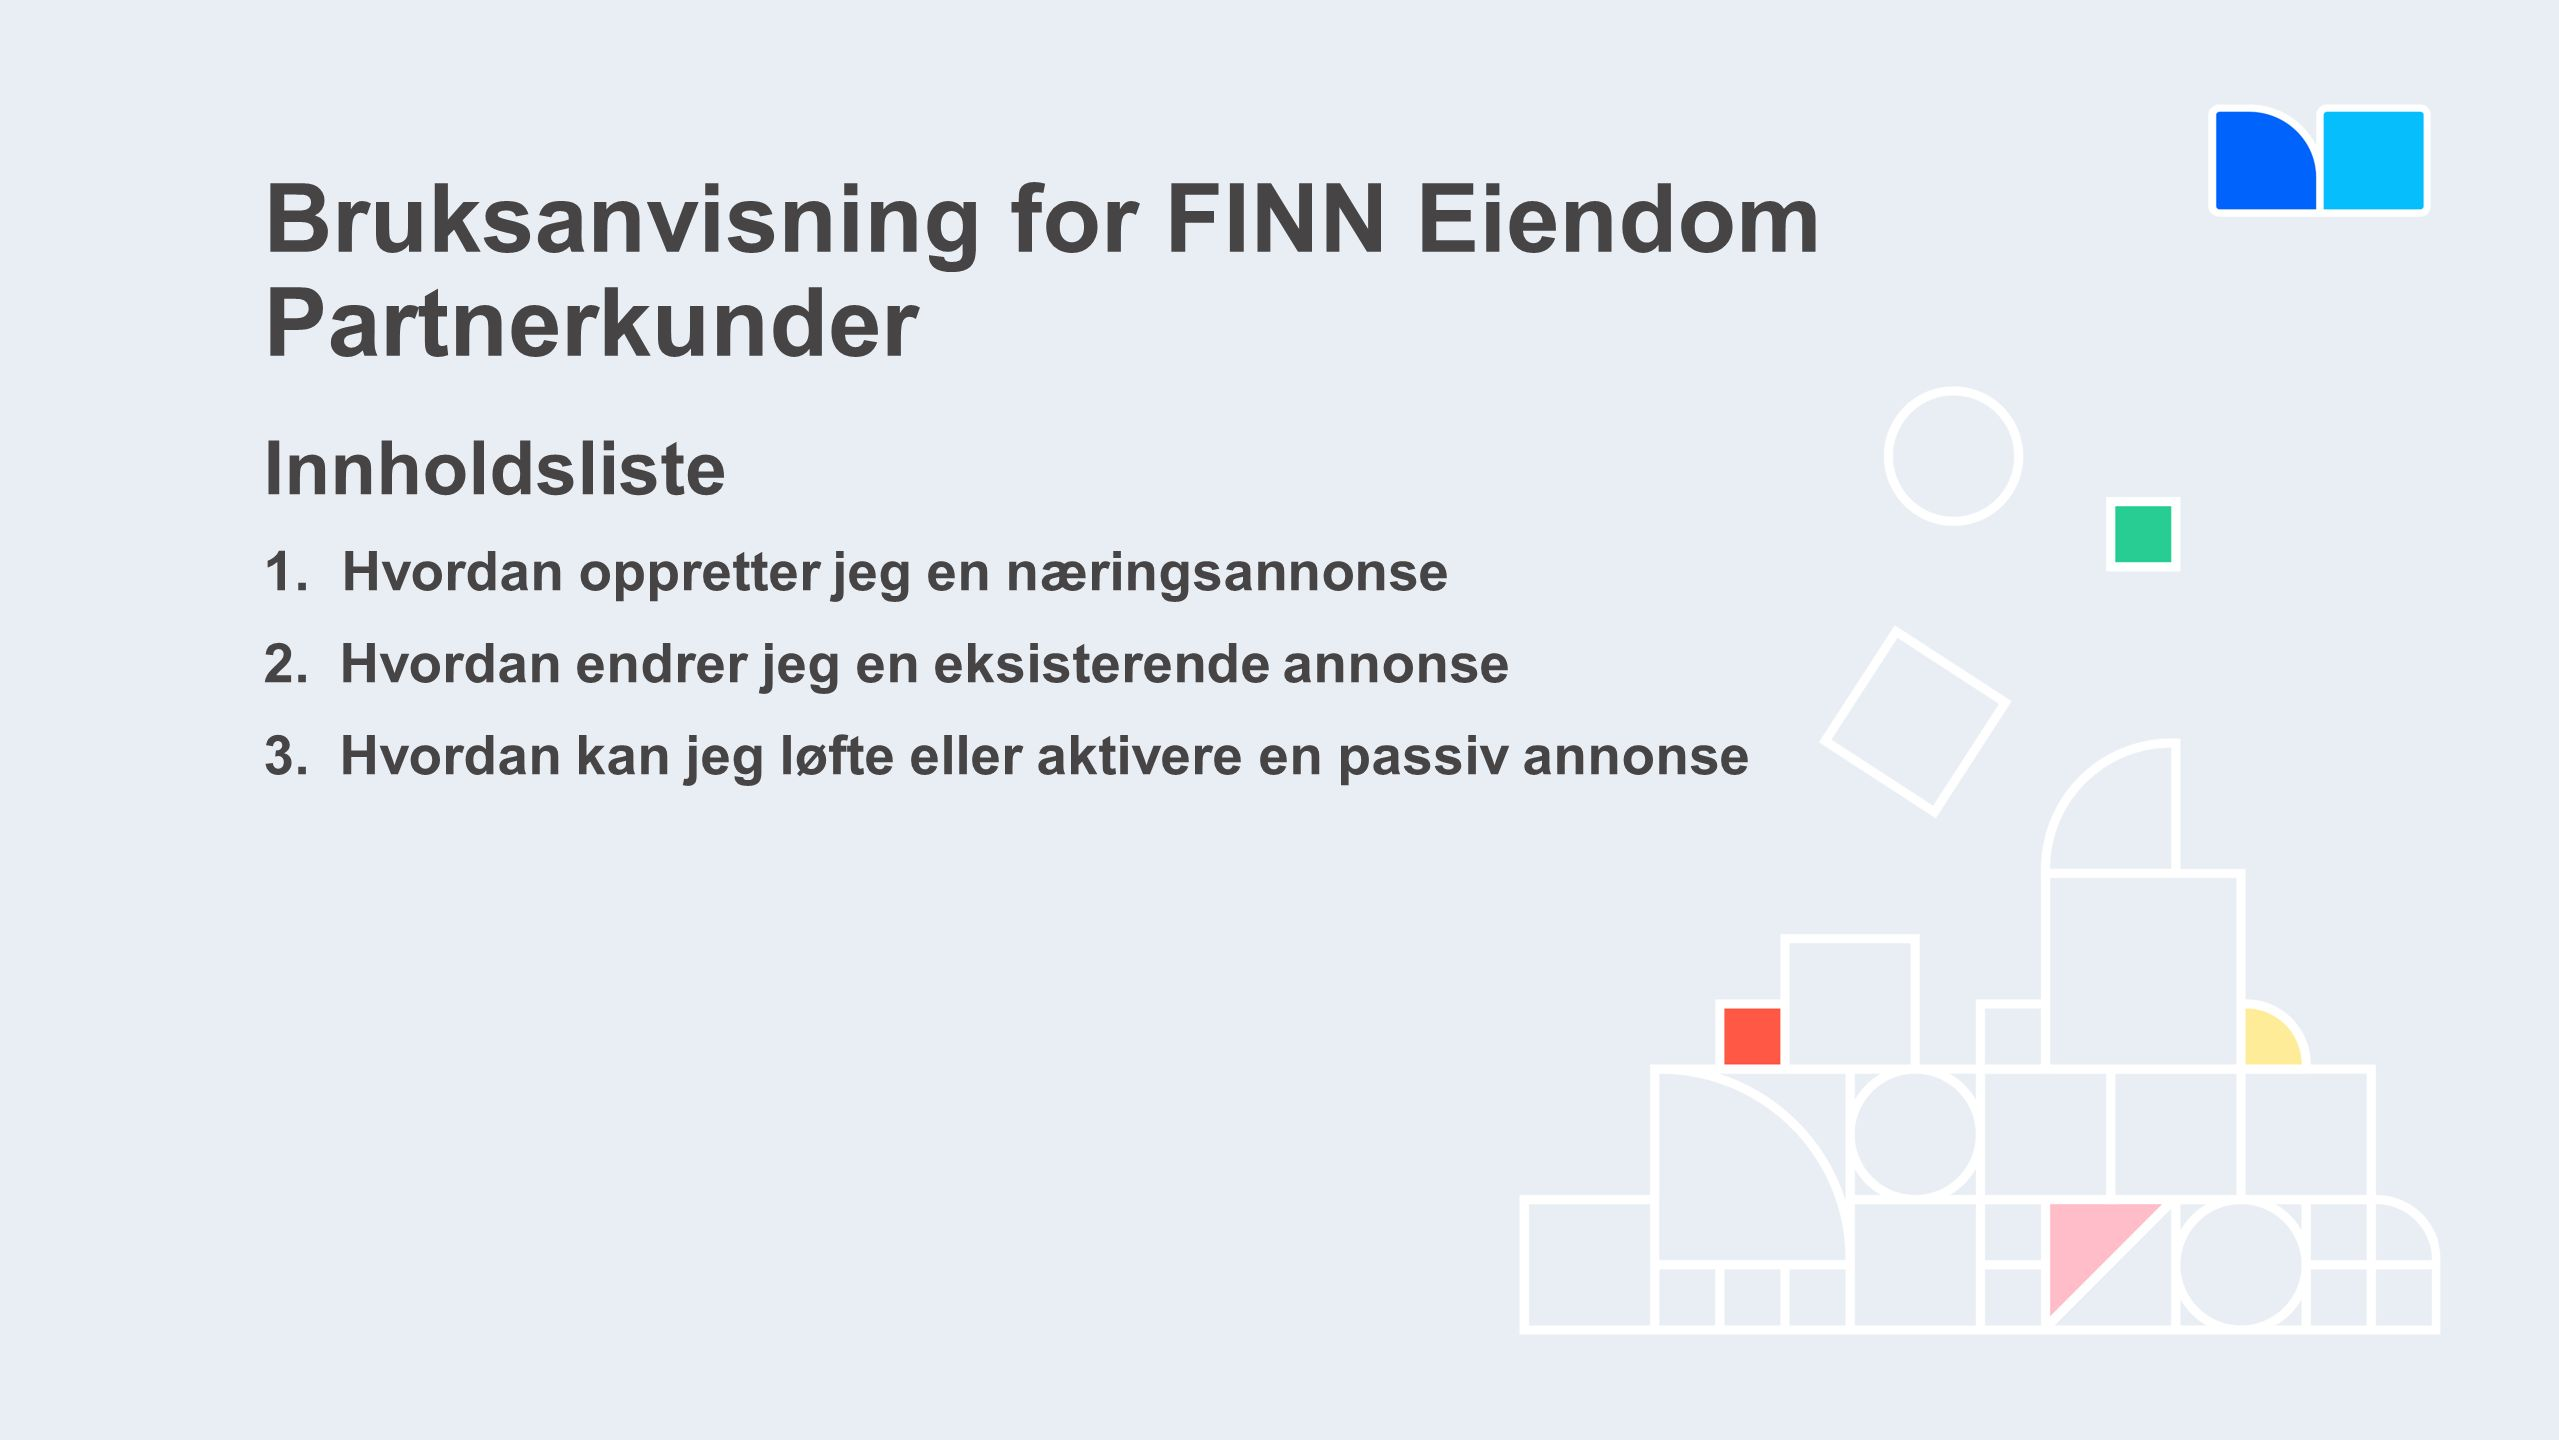 Bruksanvisning for FINN Eiendom Partnerkunder Innholdsliste 1.Hvordan oppretter jeg en næringsannonse 2. Hvordan endrer jeg en eksisterende annonse 3.